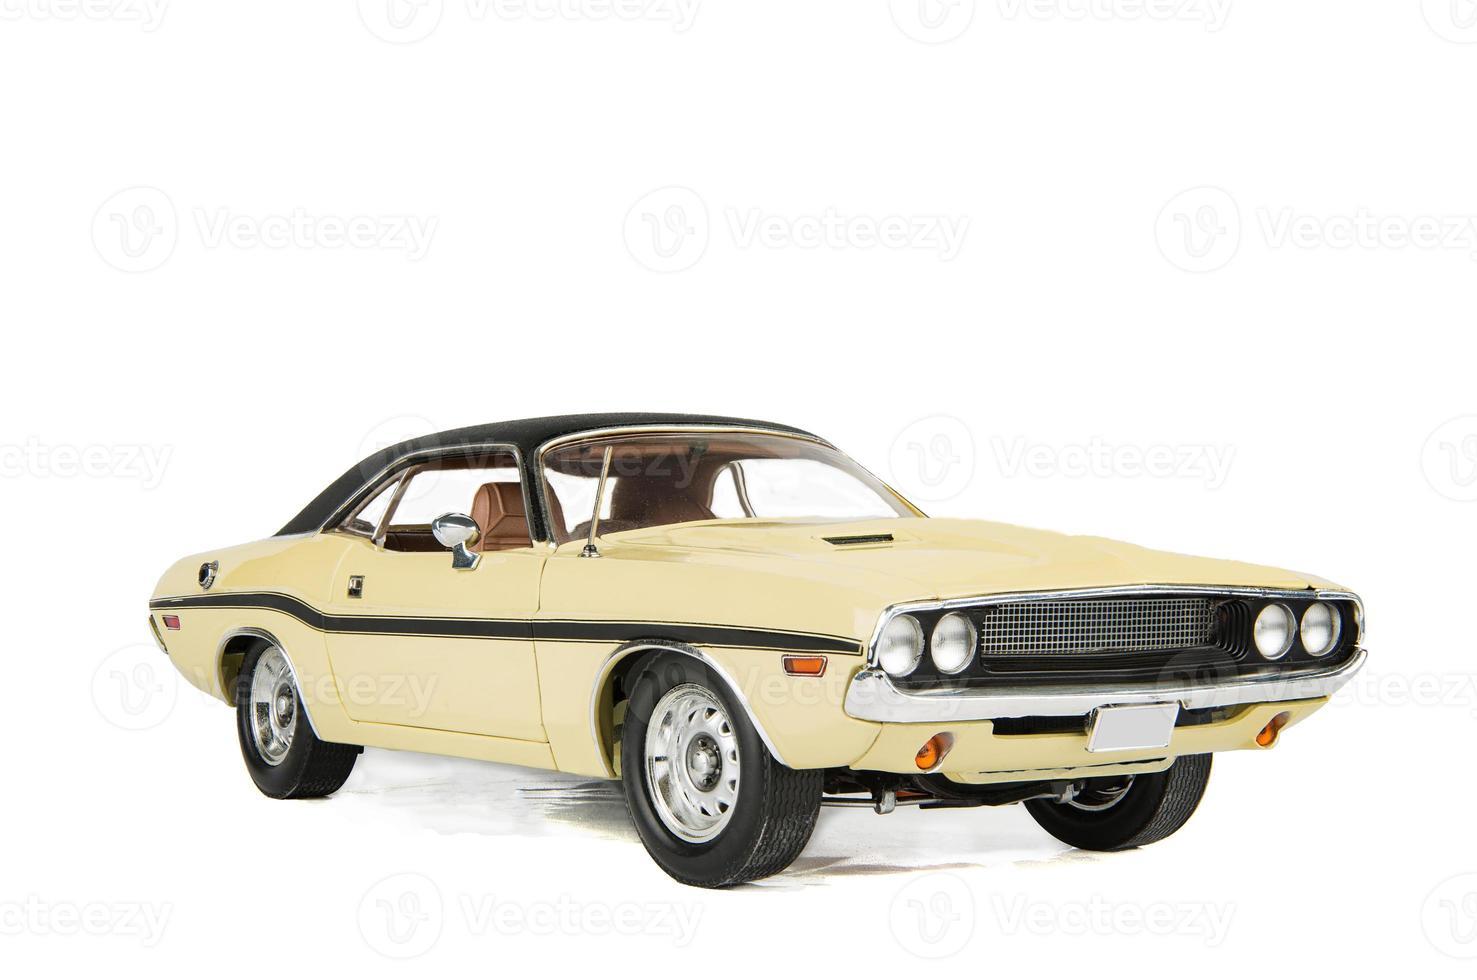 carro antigo 1970 foto